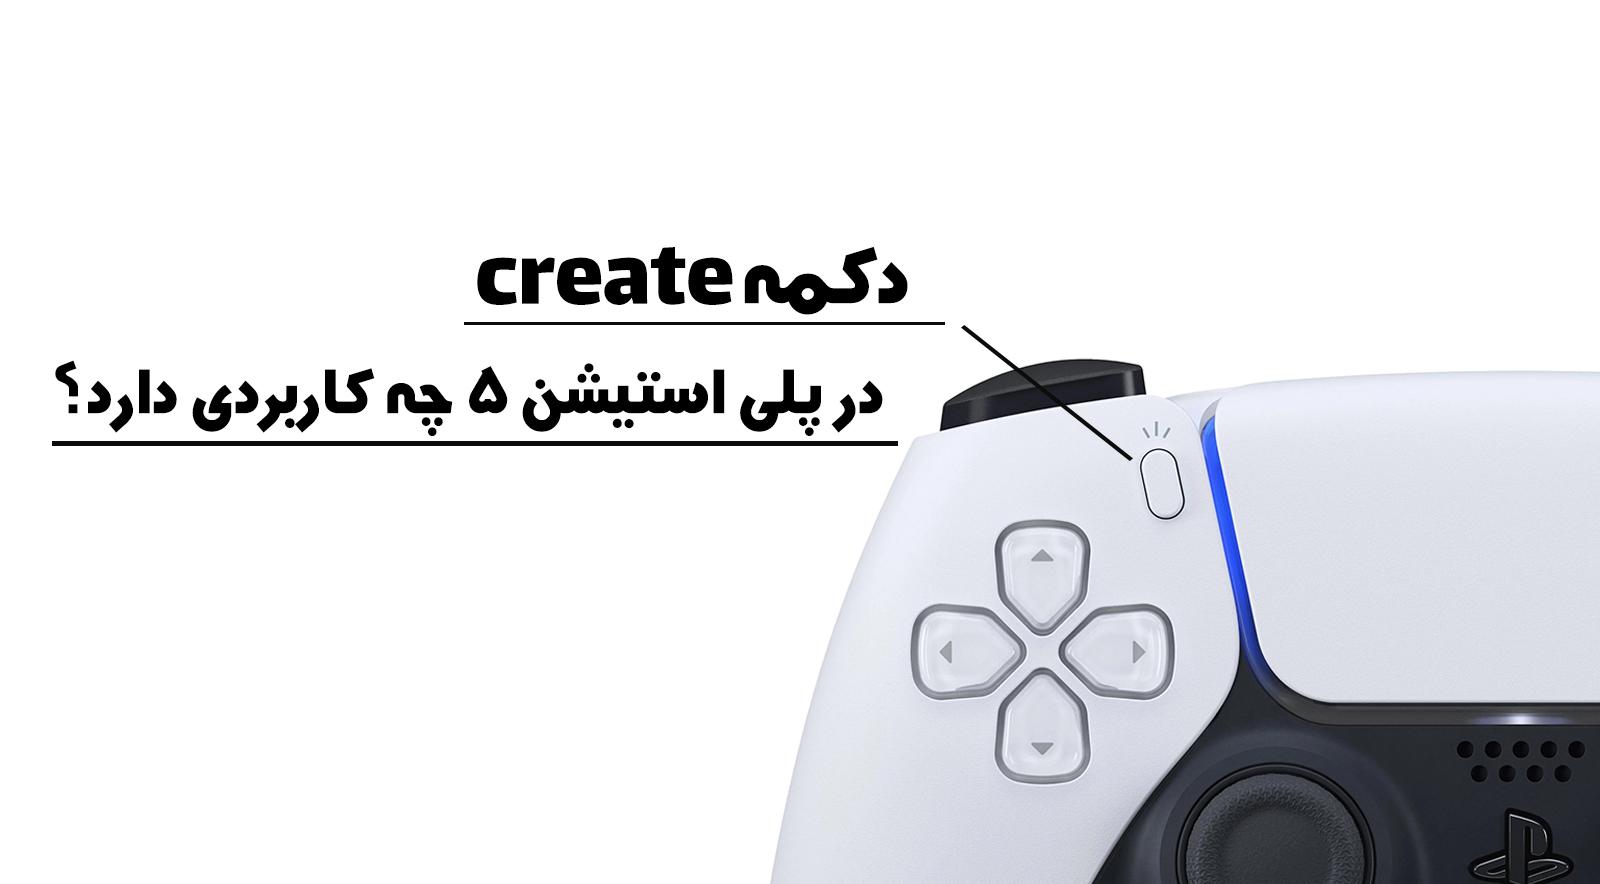 کاربرد دکمه Create در پلی استیشن 5